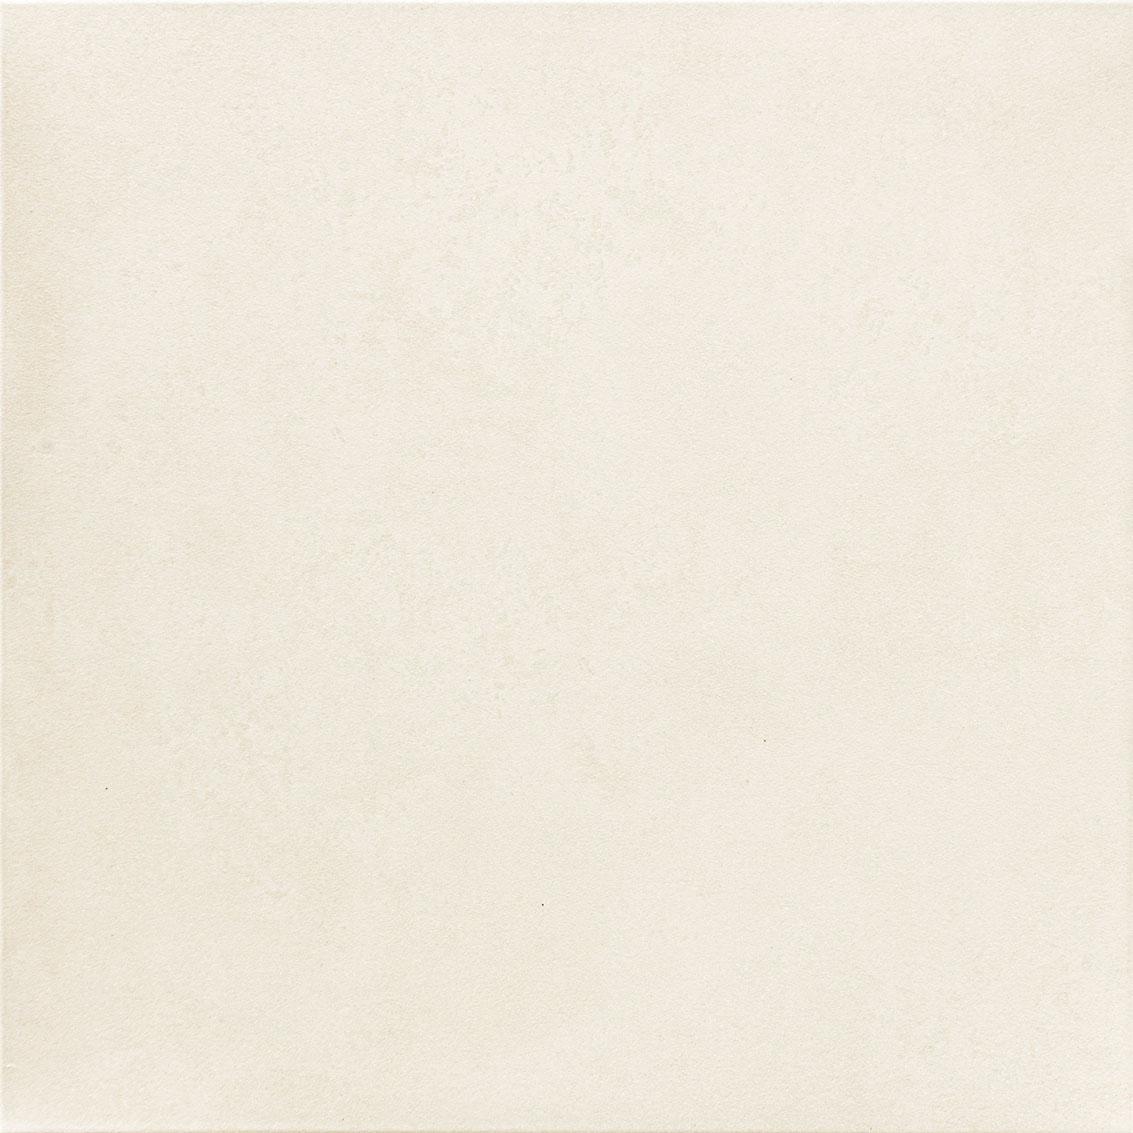 Płytka podłogowa Tubądzin Zirconium White 45x45